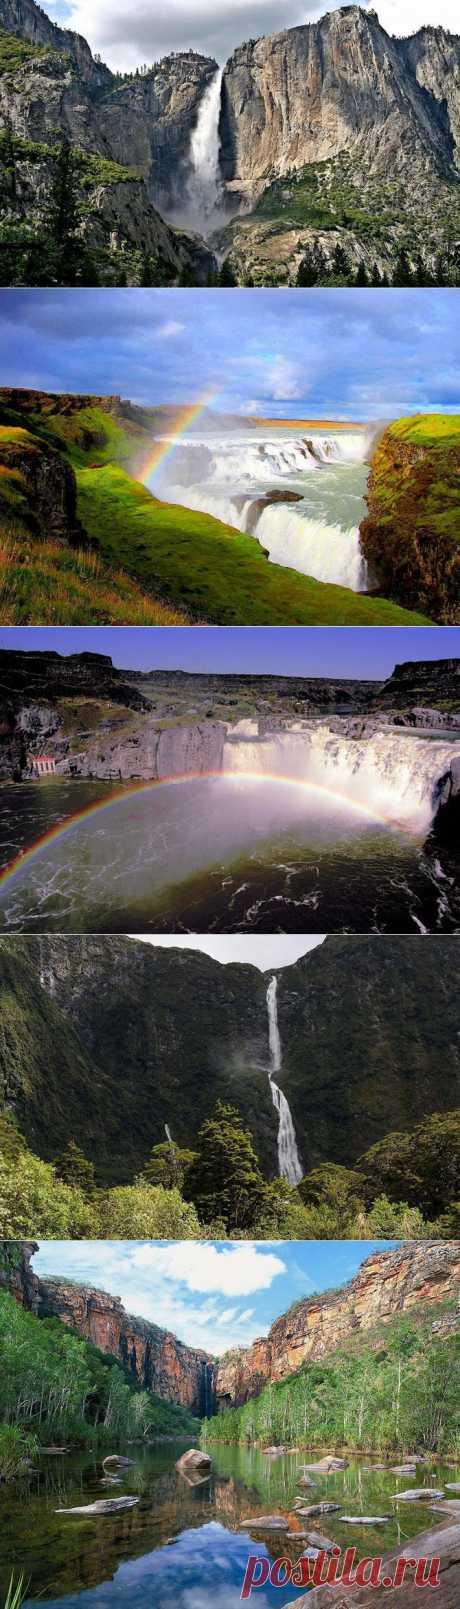 (+1) тема - Самые красивые водопады мира | Непутевые заметки